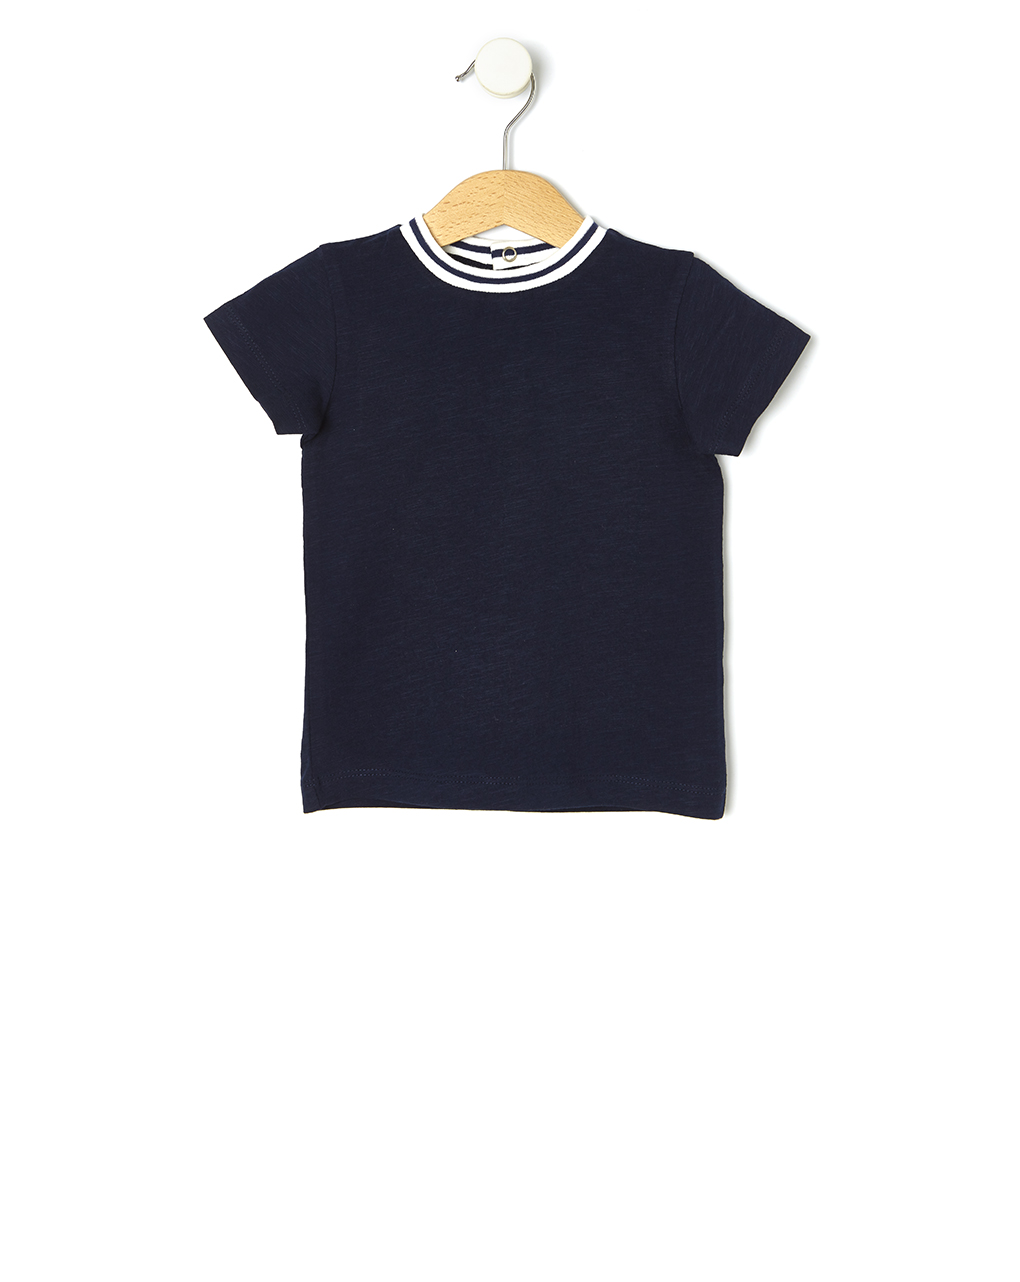 T-shirt Βαμβακερό Μπλε για Αγόρι